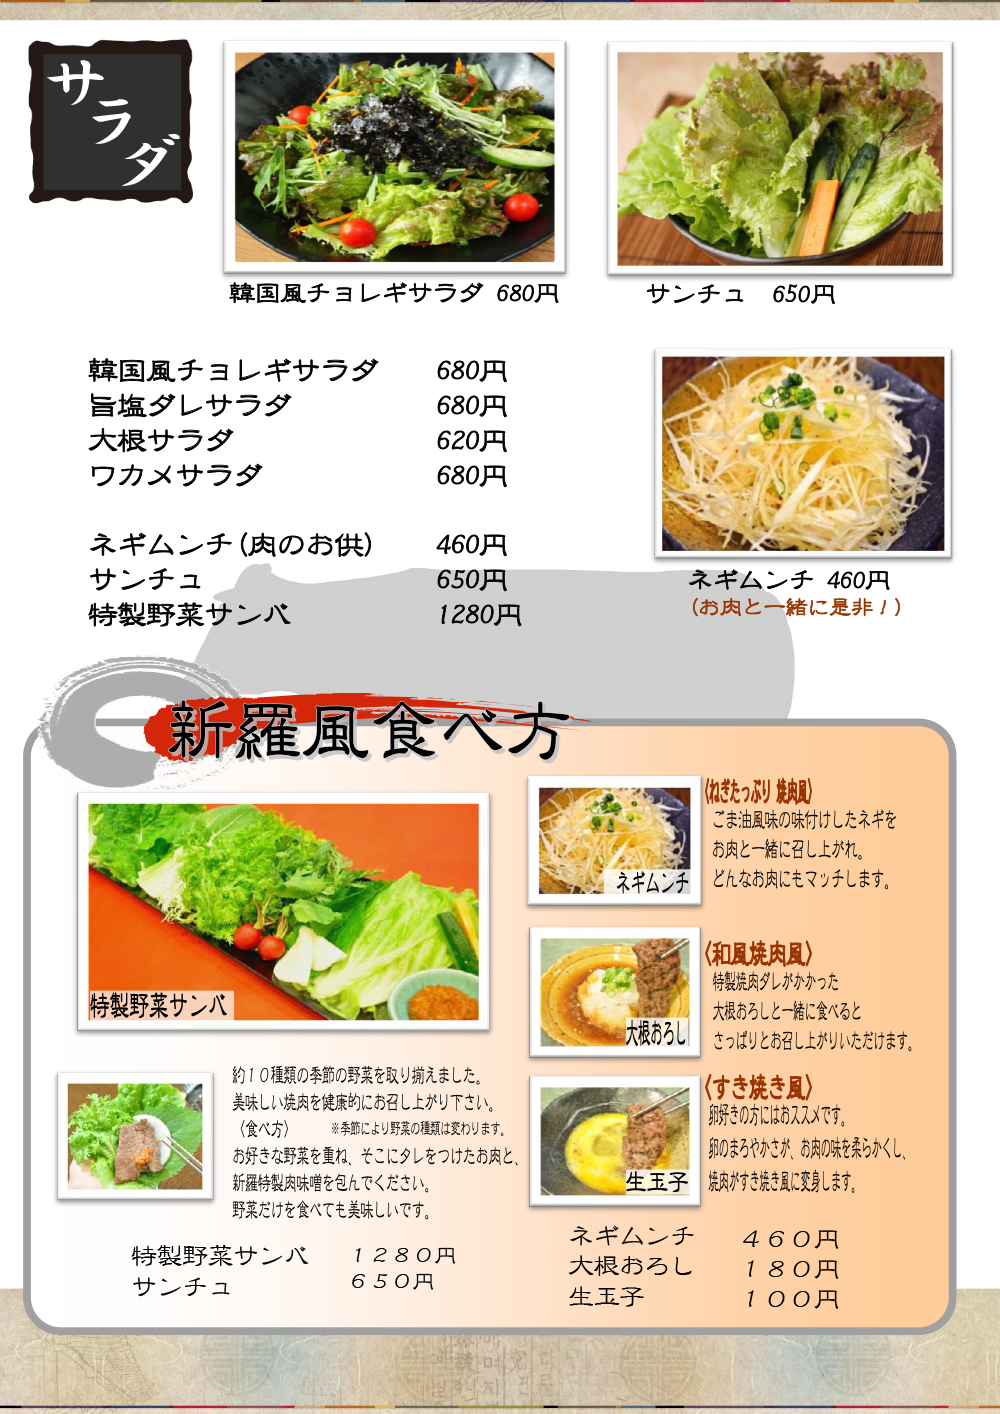 新浦安本店 一品料理メニュー3